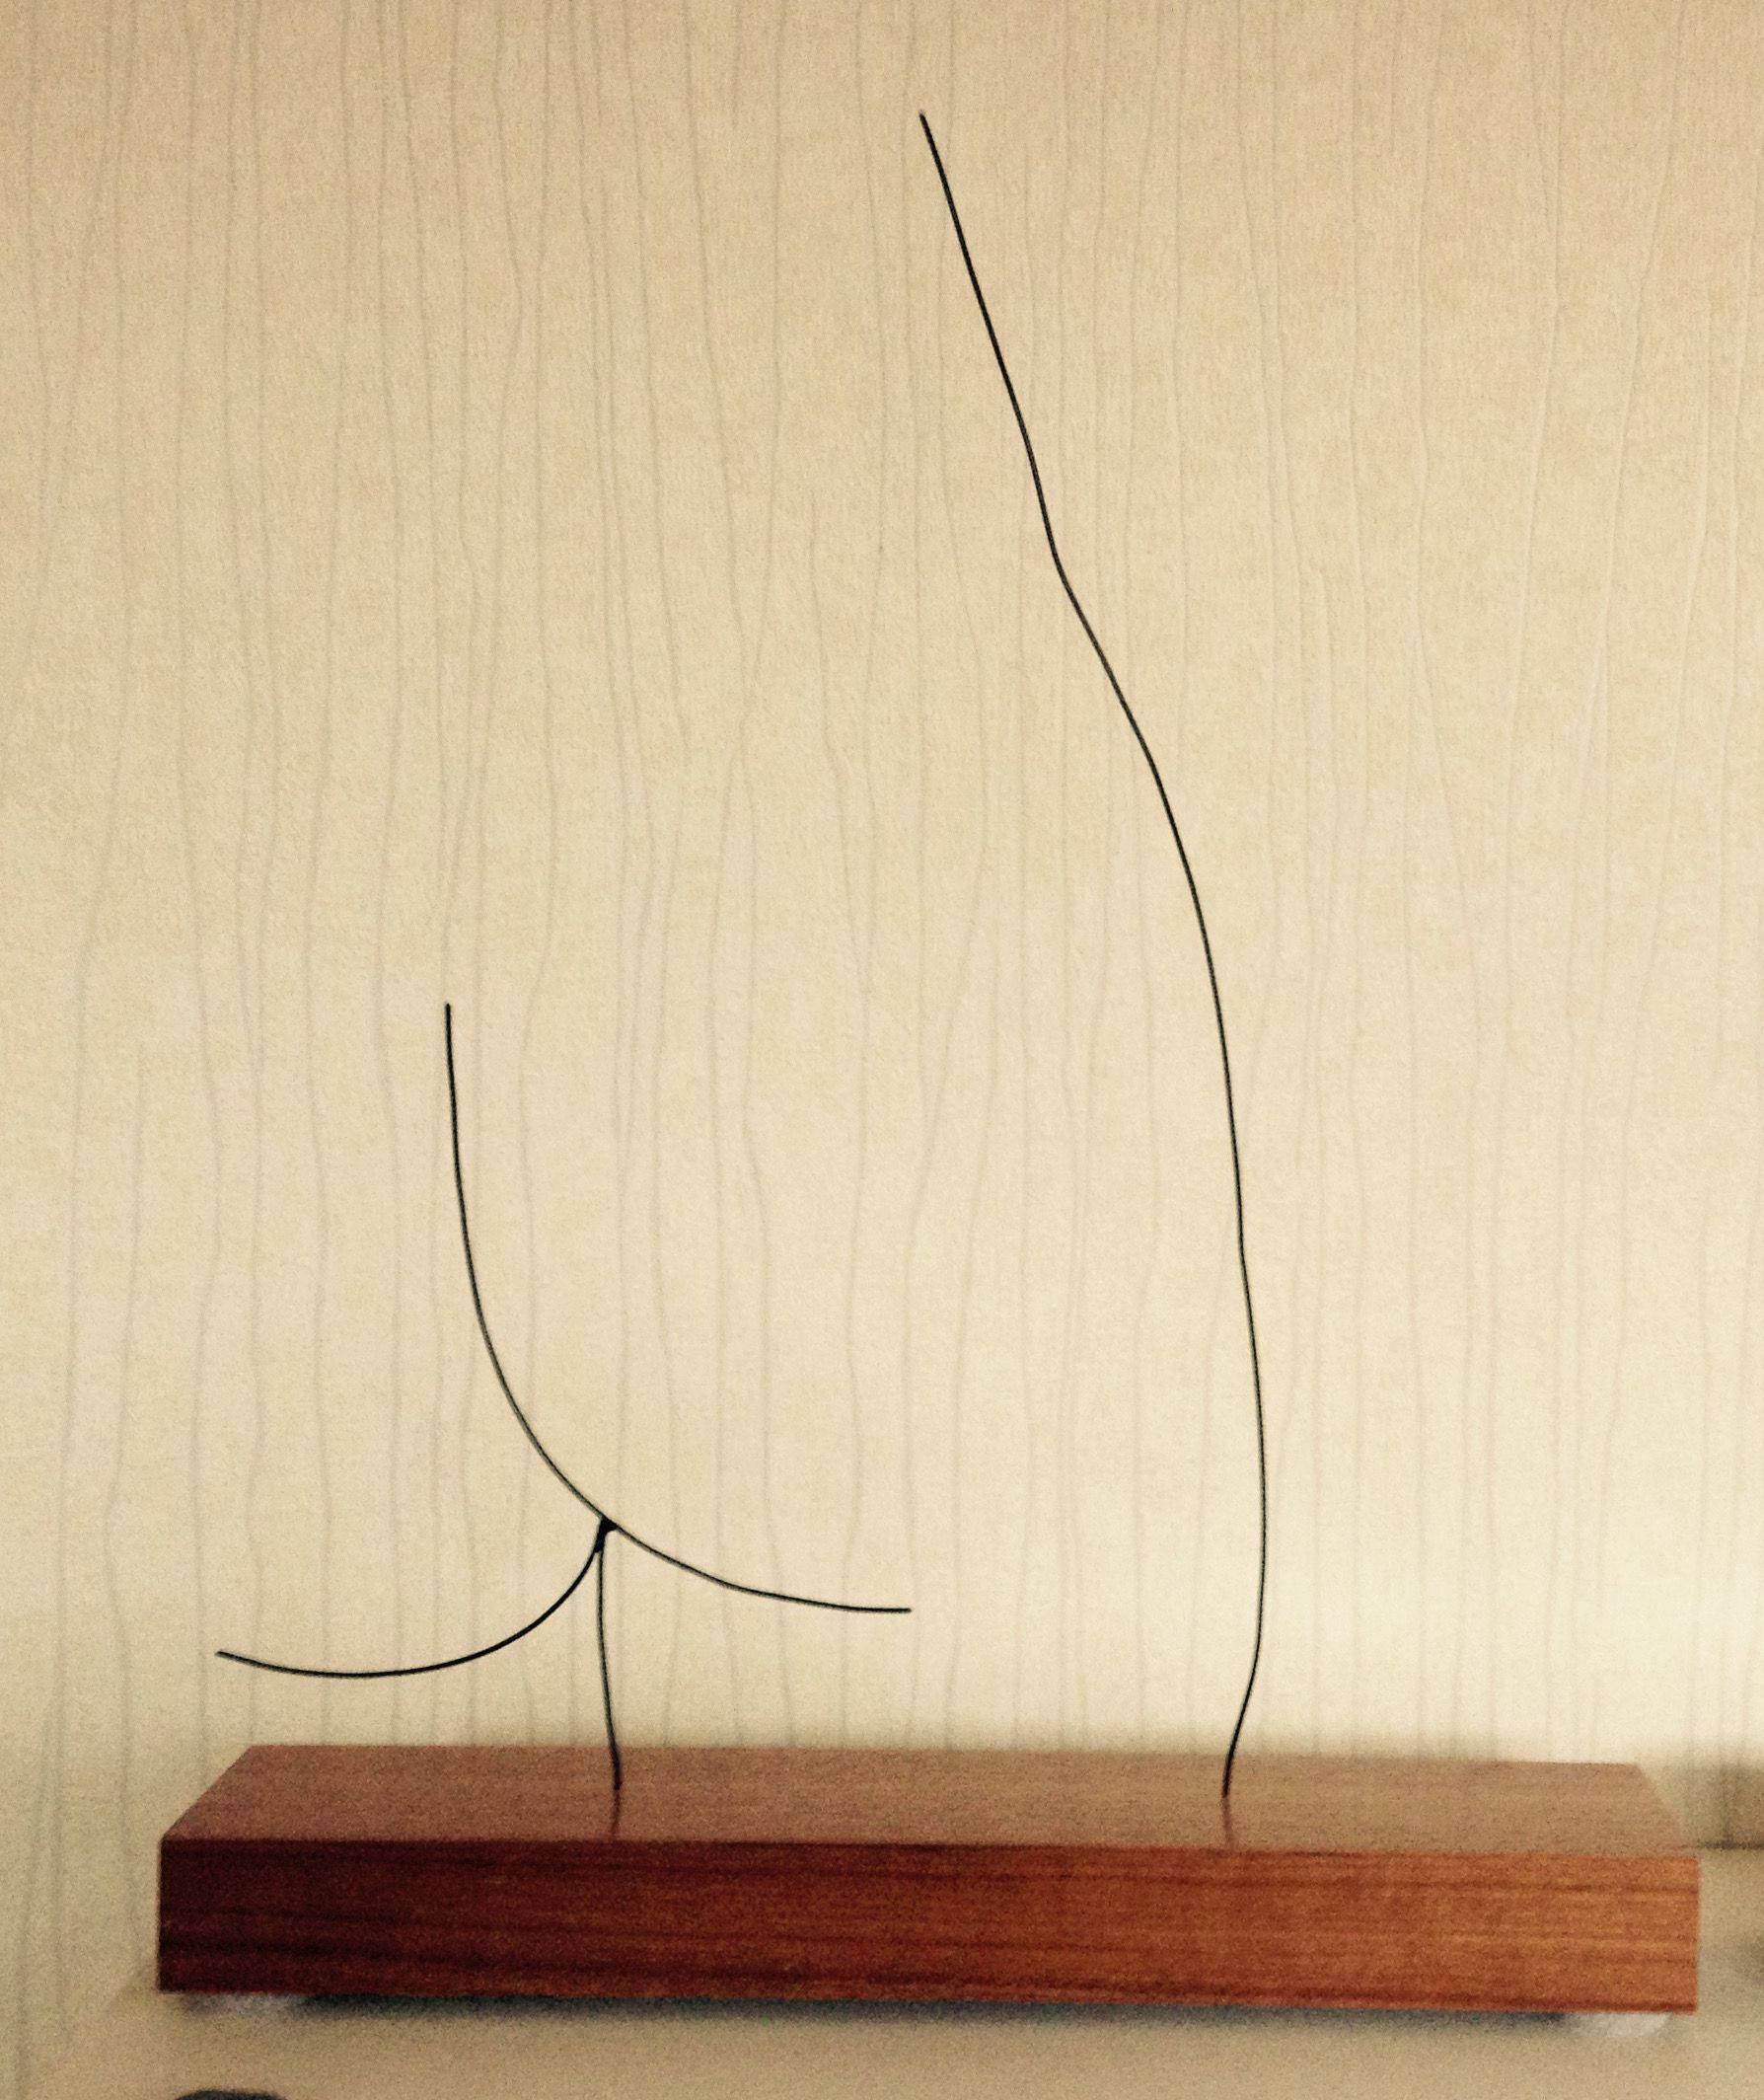 Wire craft - Wire Picasso (1)